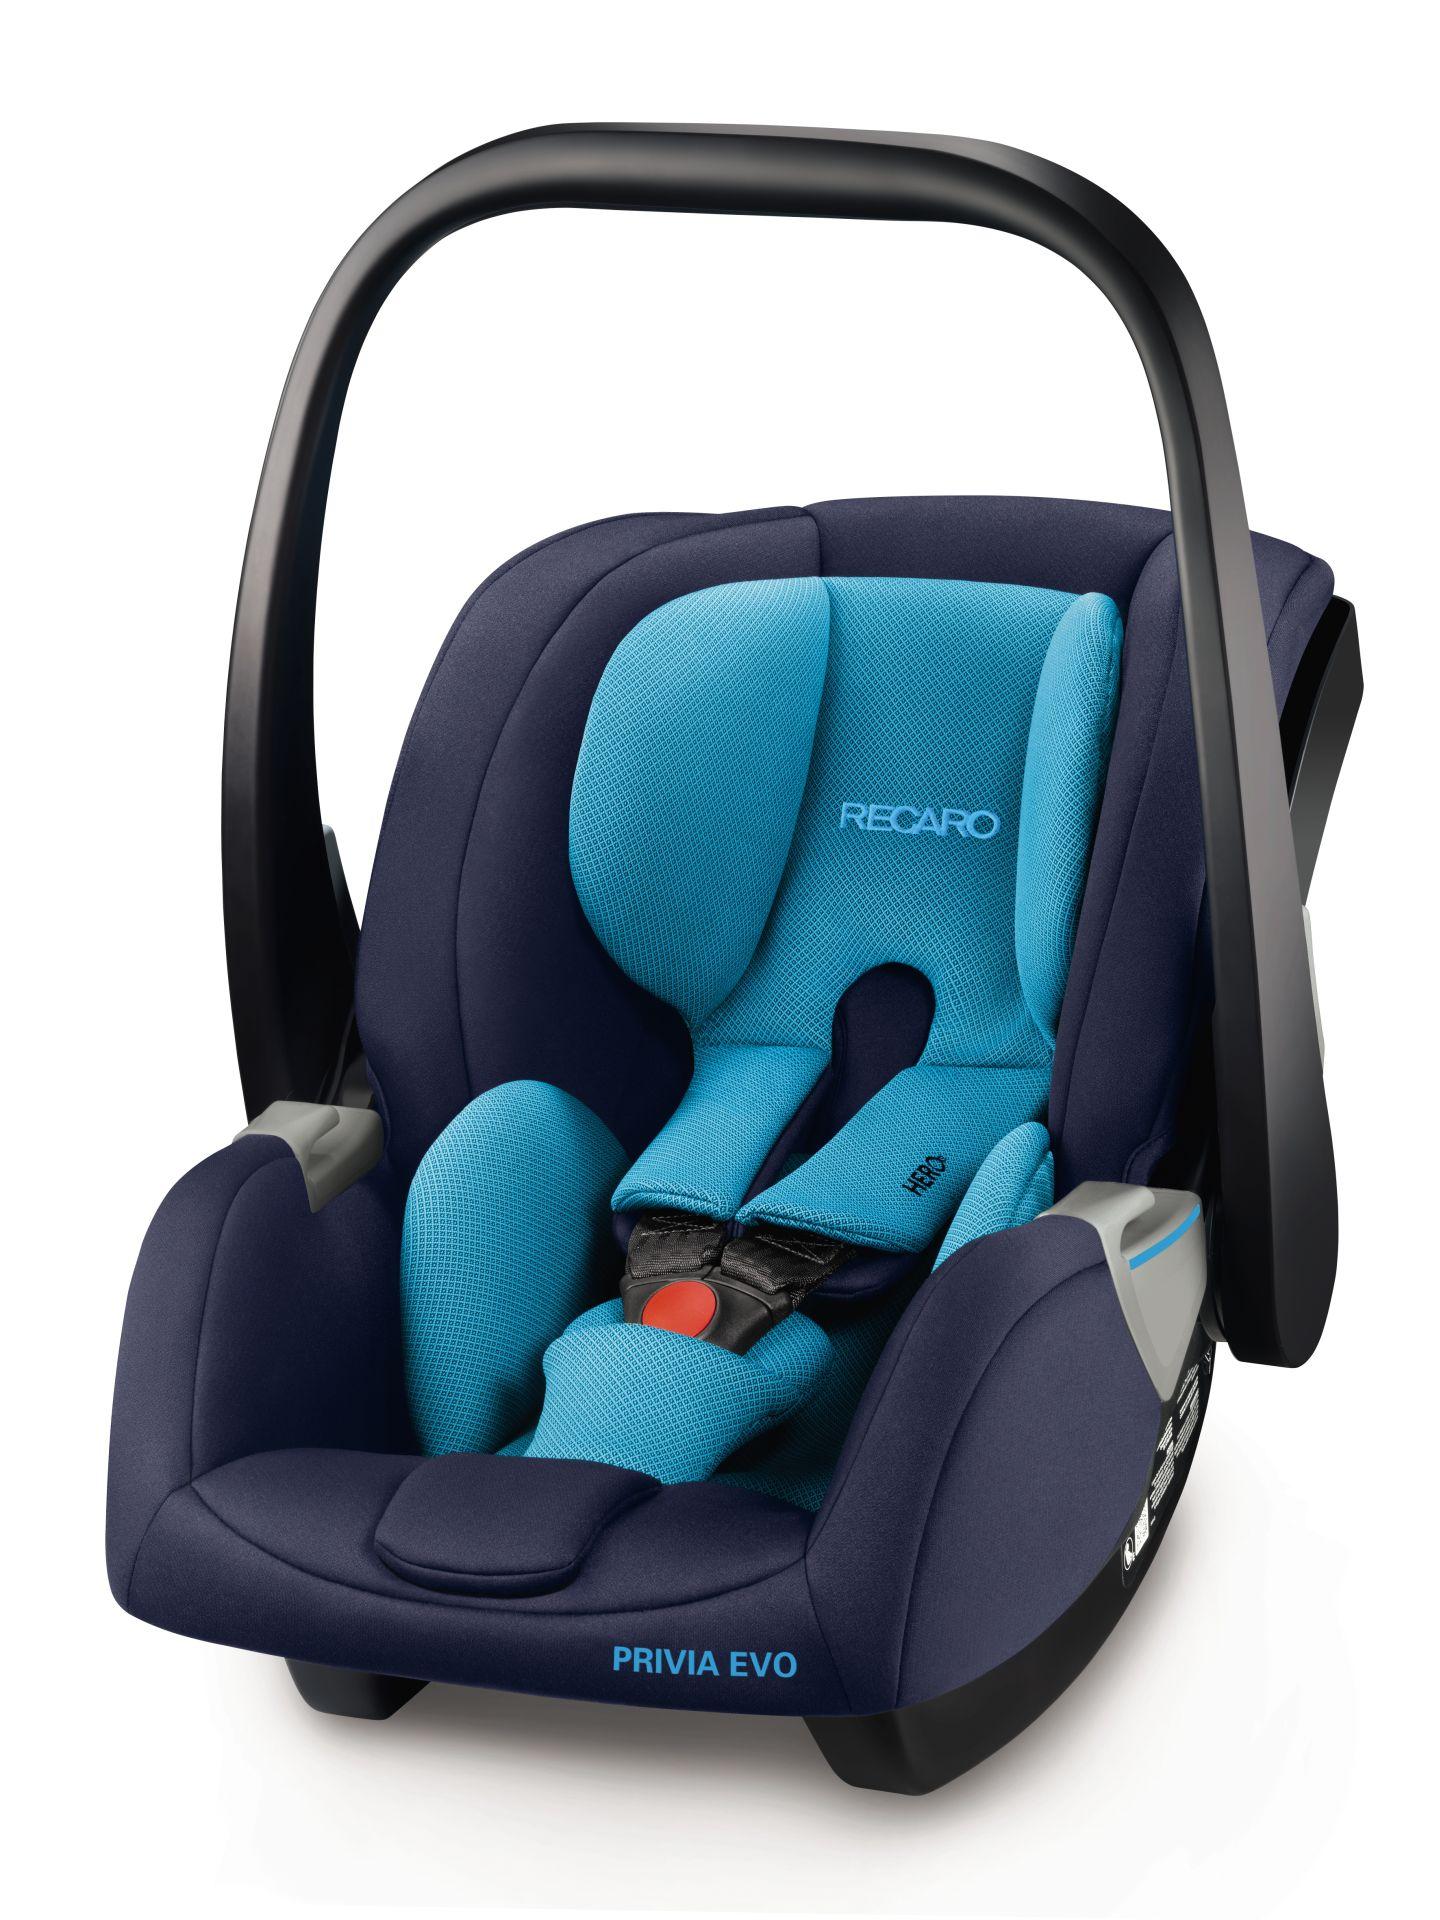 Recaro Infant Car Seat Privia Evo Performance Black 2018